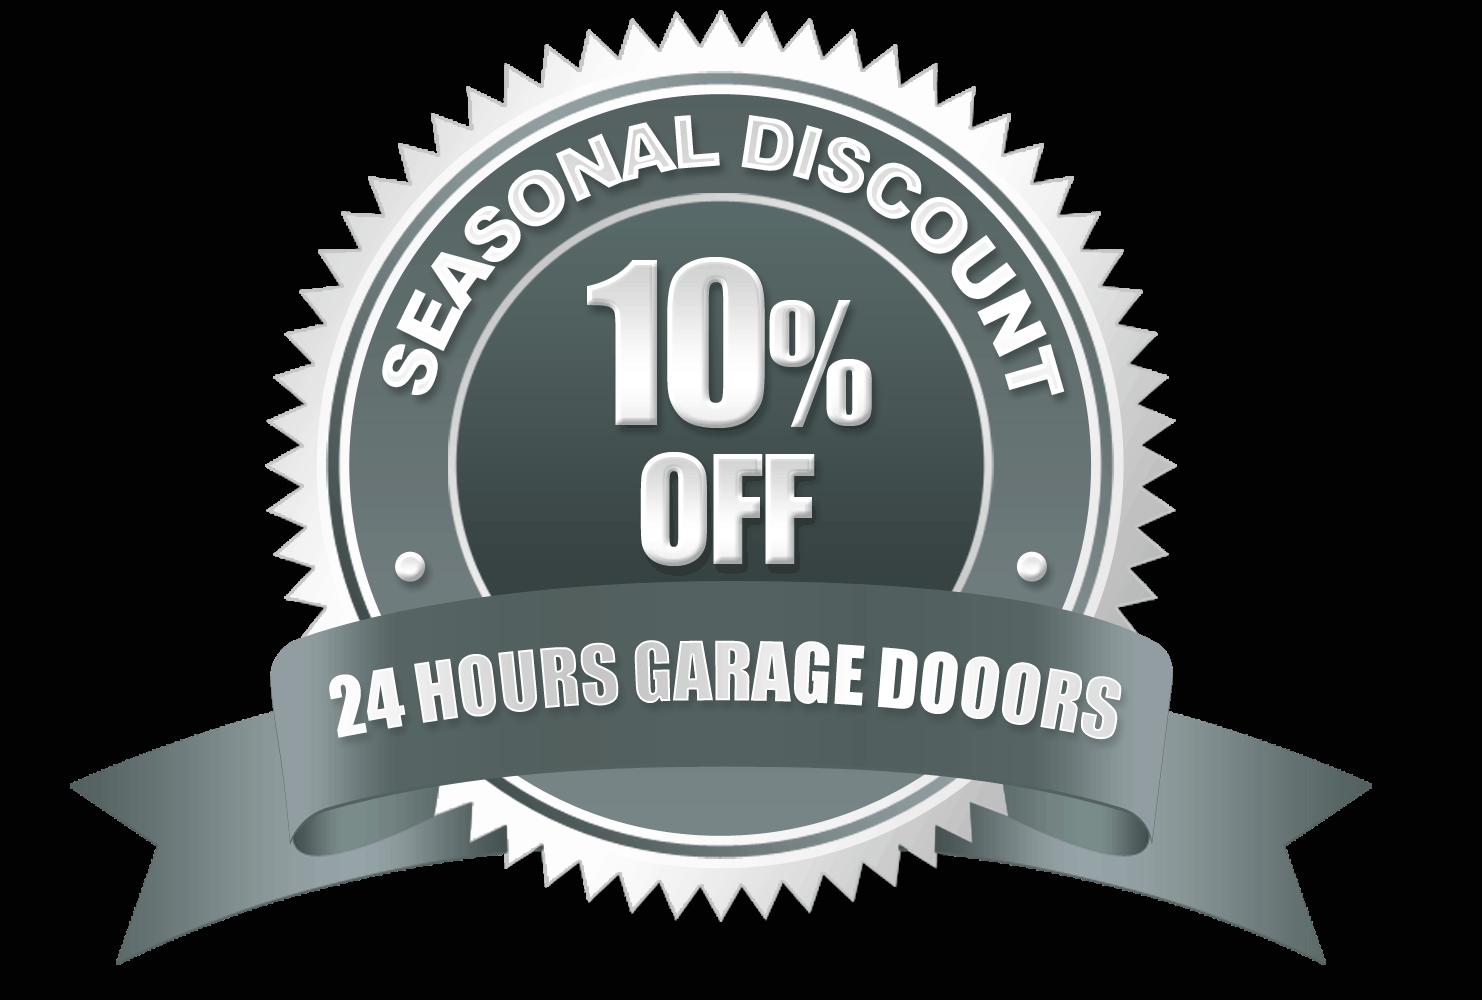 Virginia Va Garage Door Repair And Installation Discounts